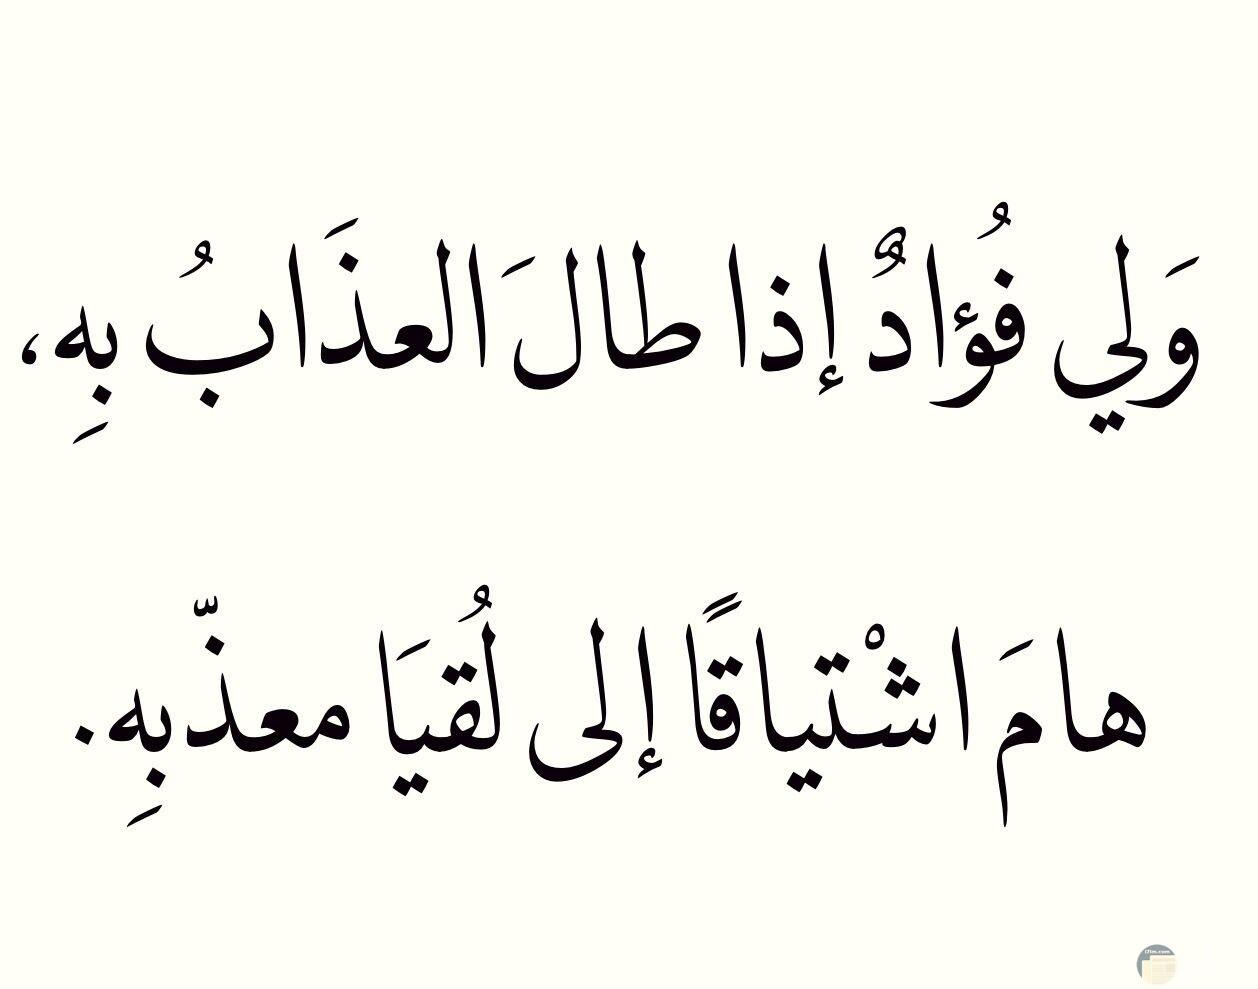 ولي فؤاد إذا طال العذاب به هام اشتياقا إلي لقيا معذبه